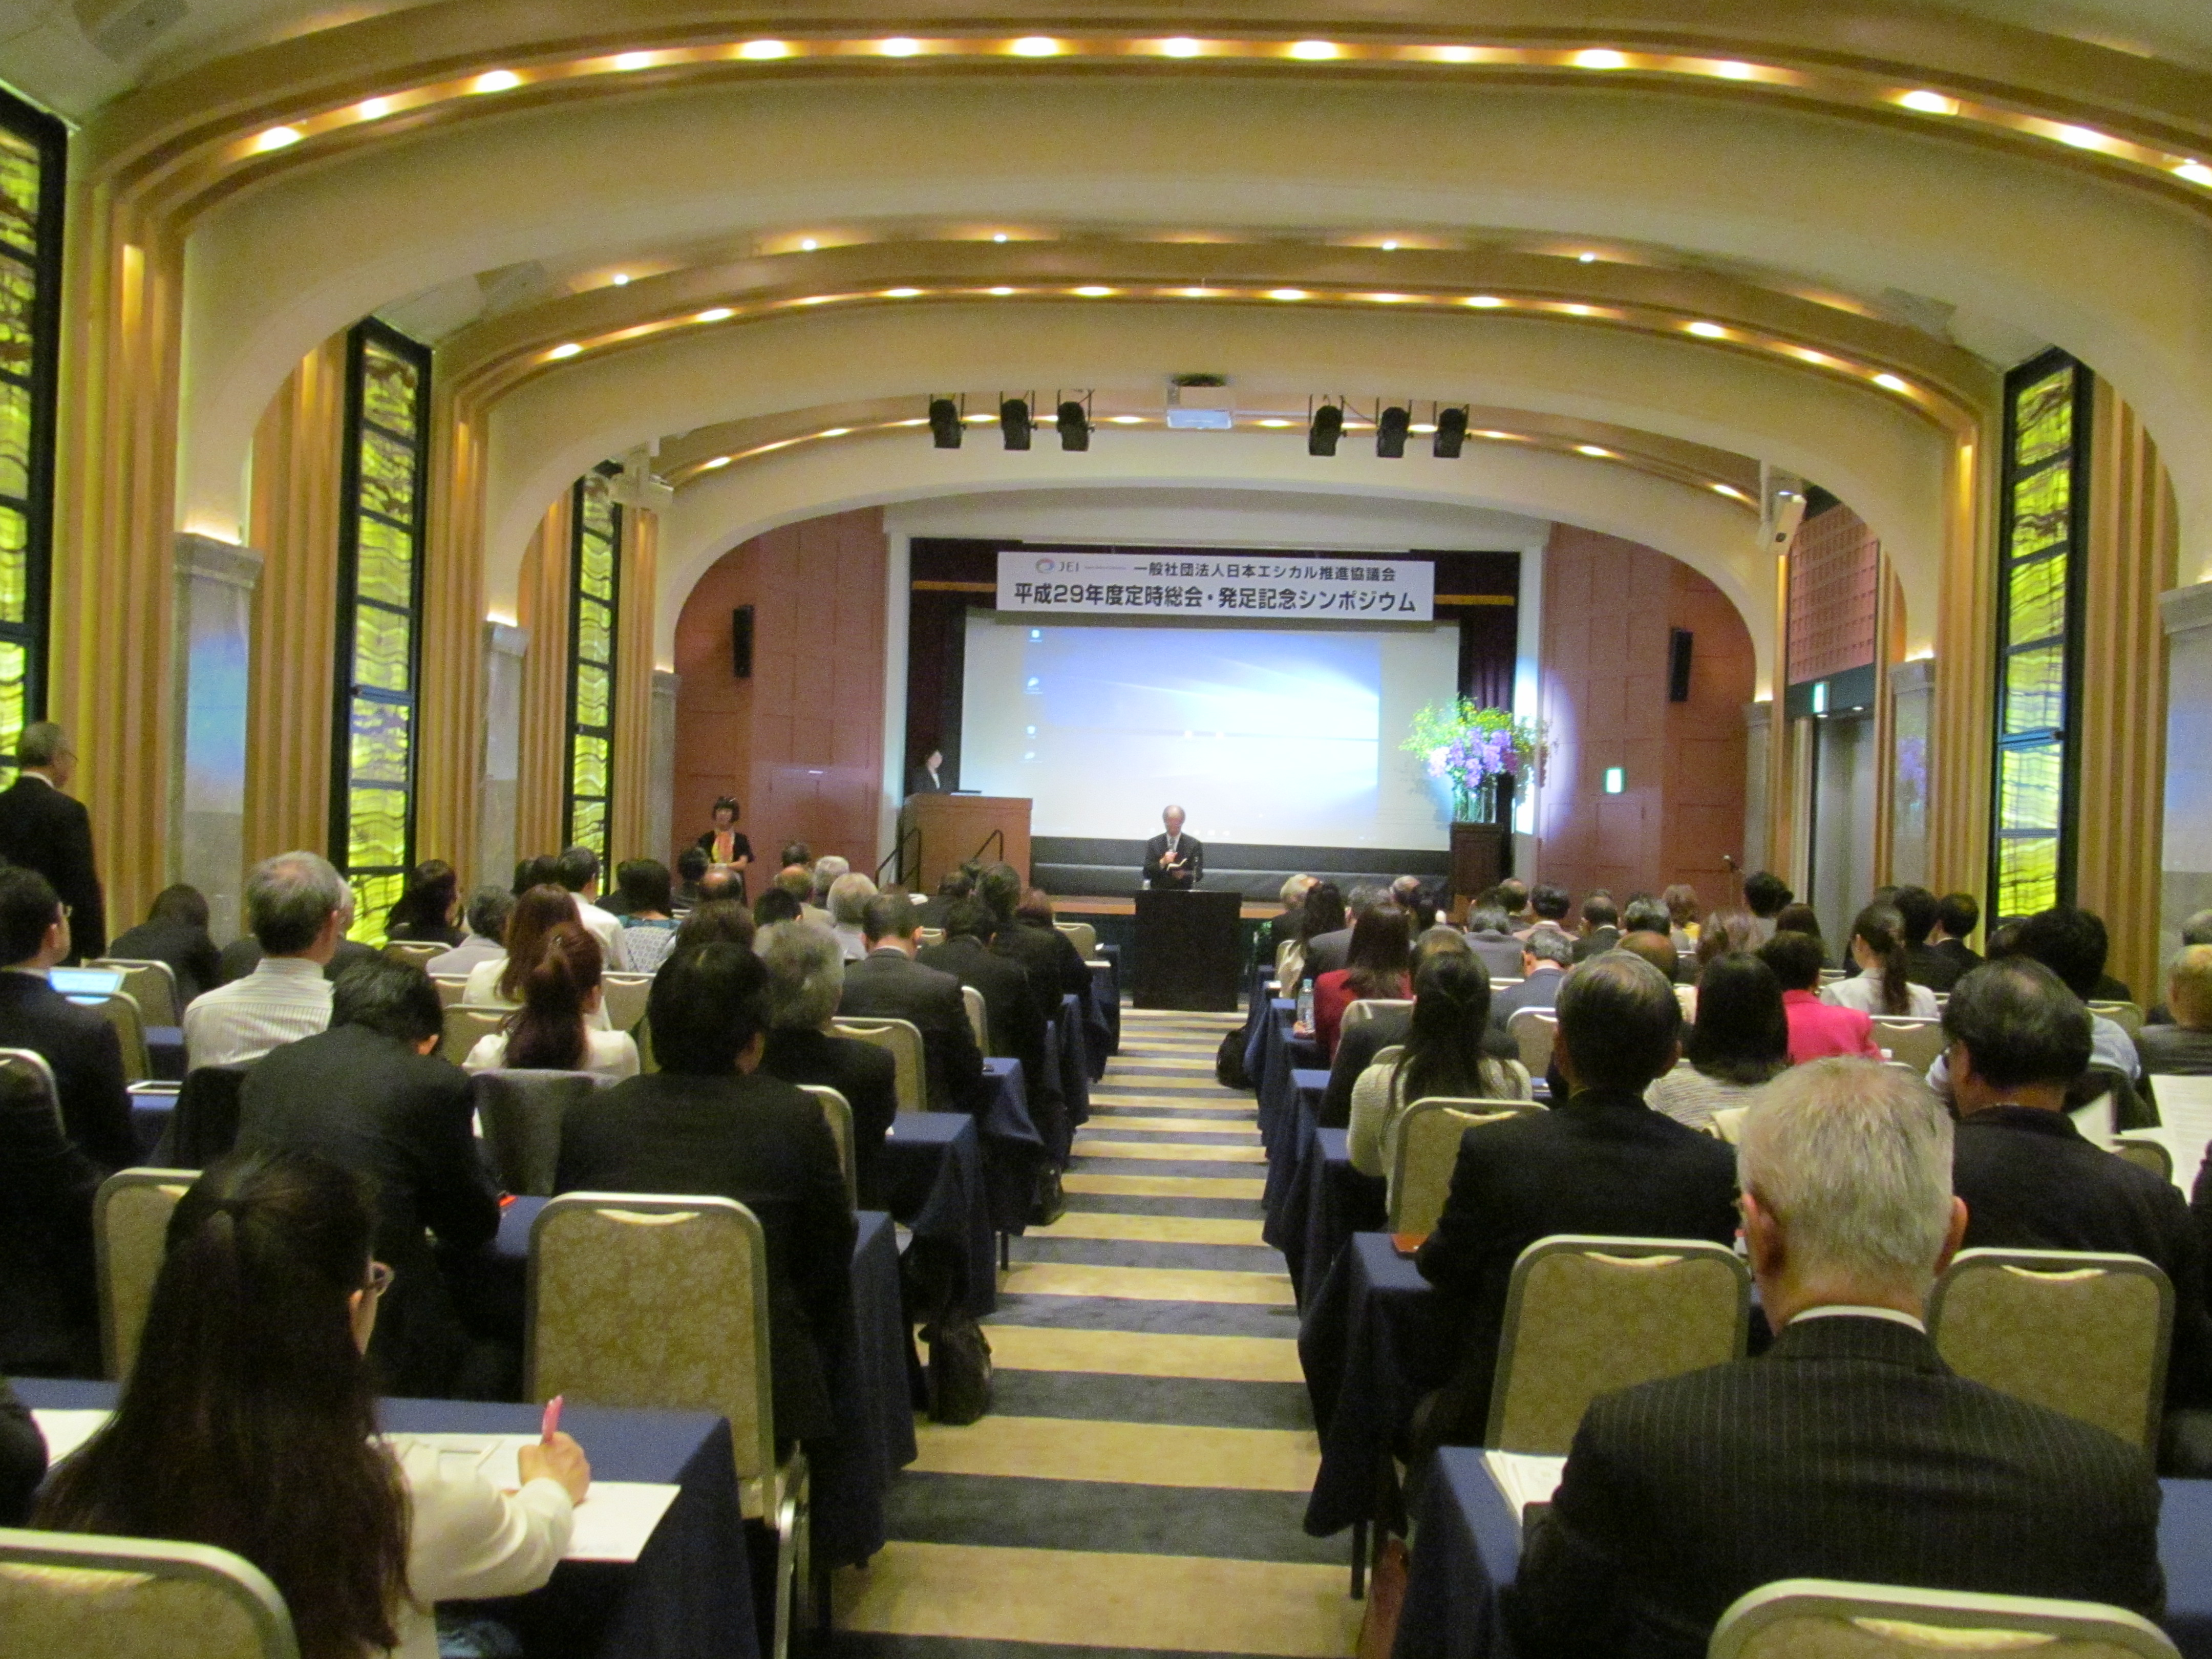 JEI 法人化記念シンポジウム開催 「エシカル基準」策定も